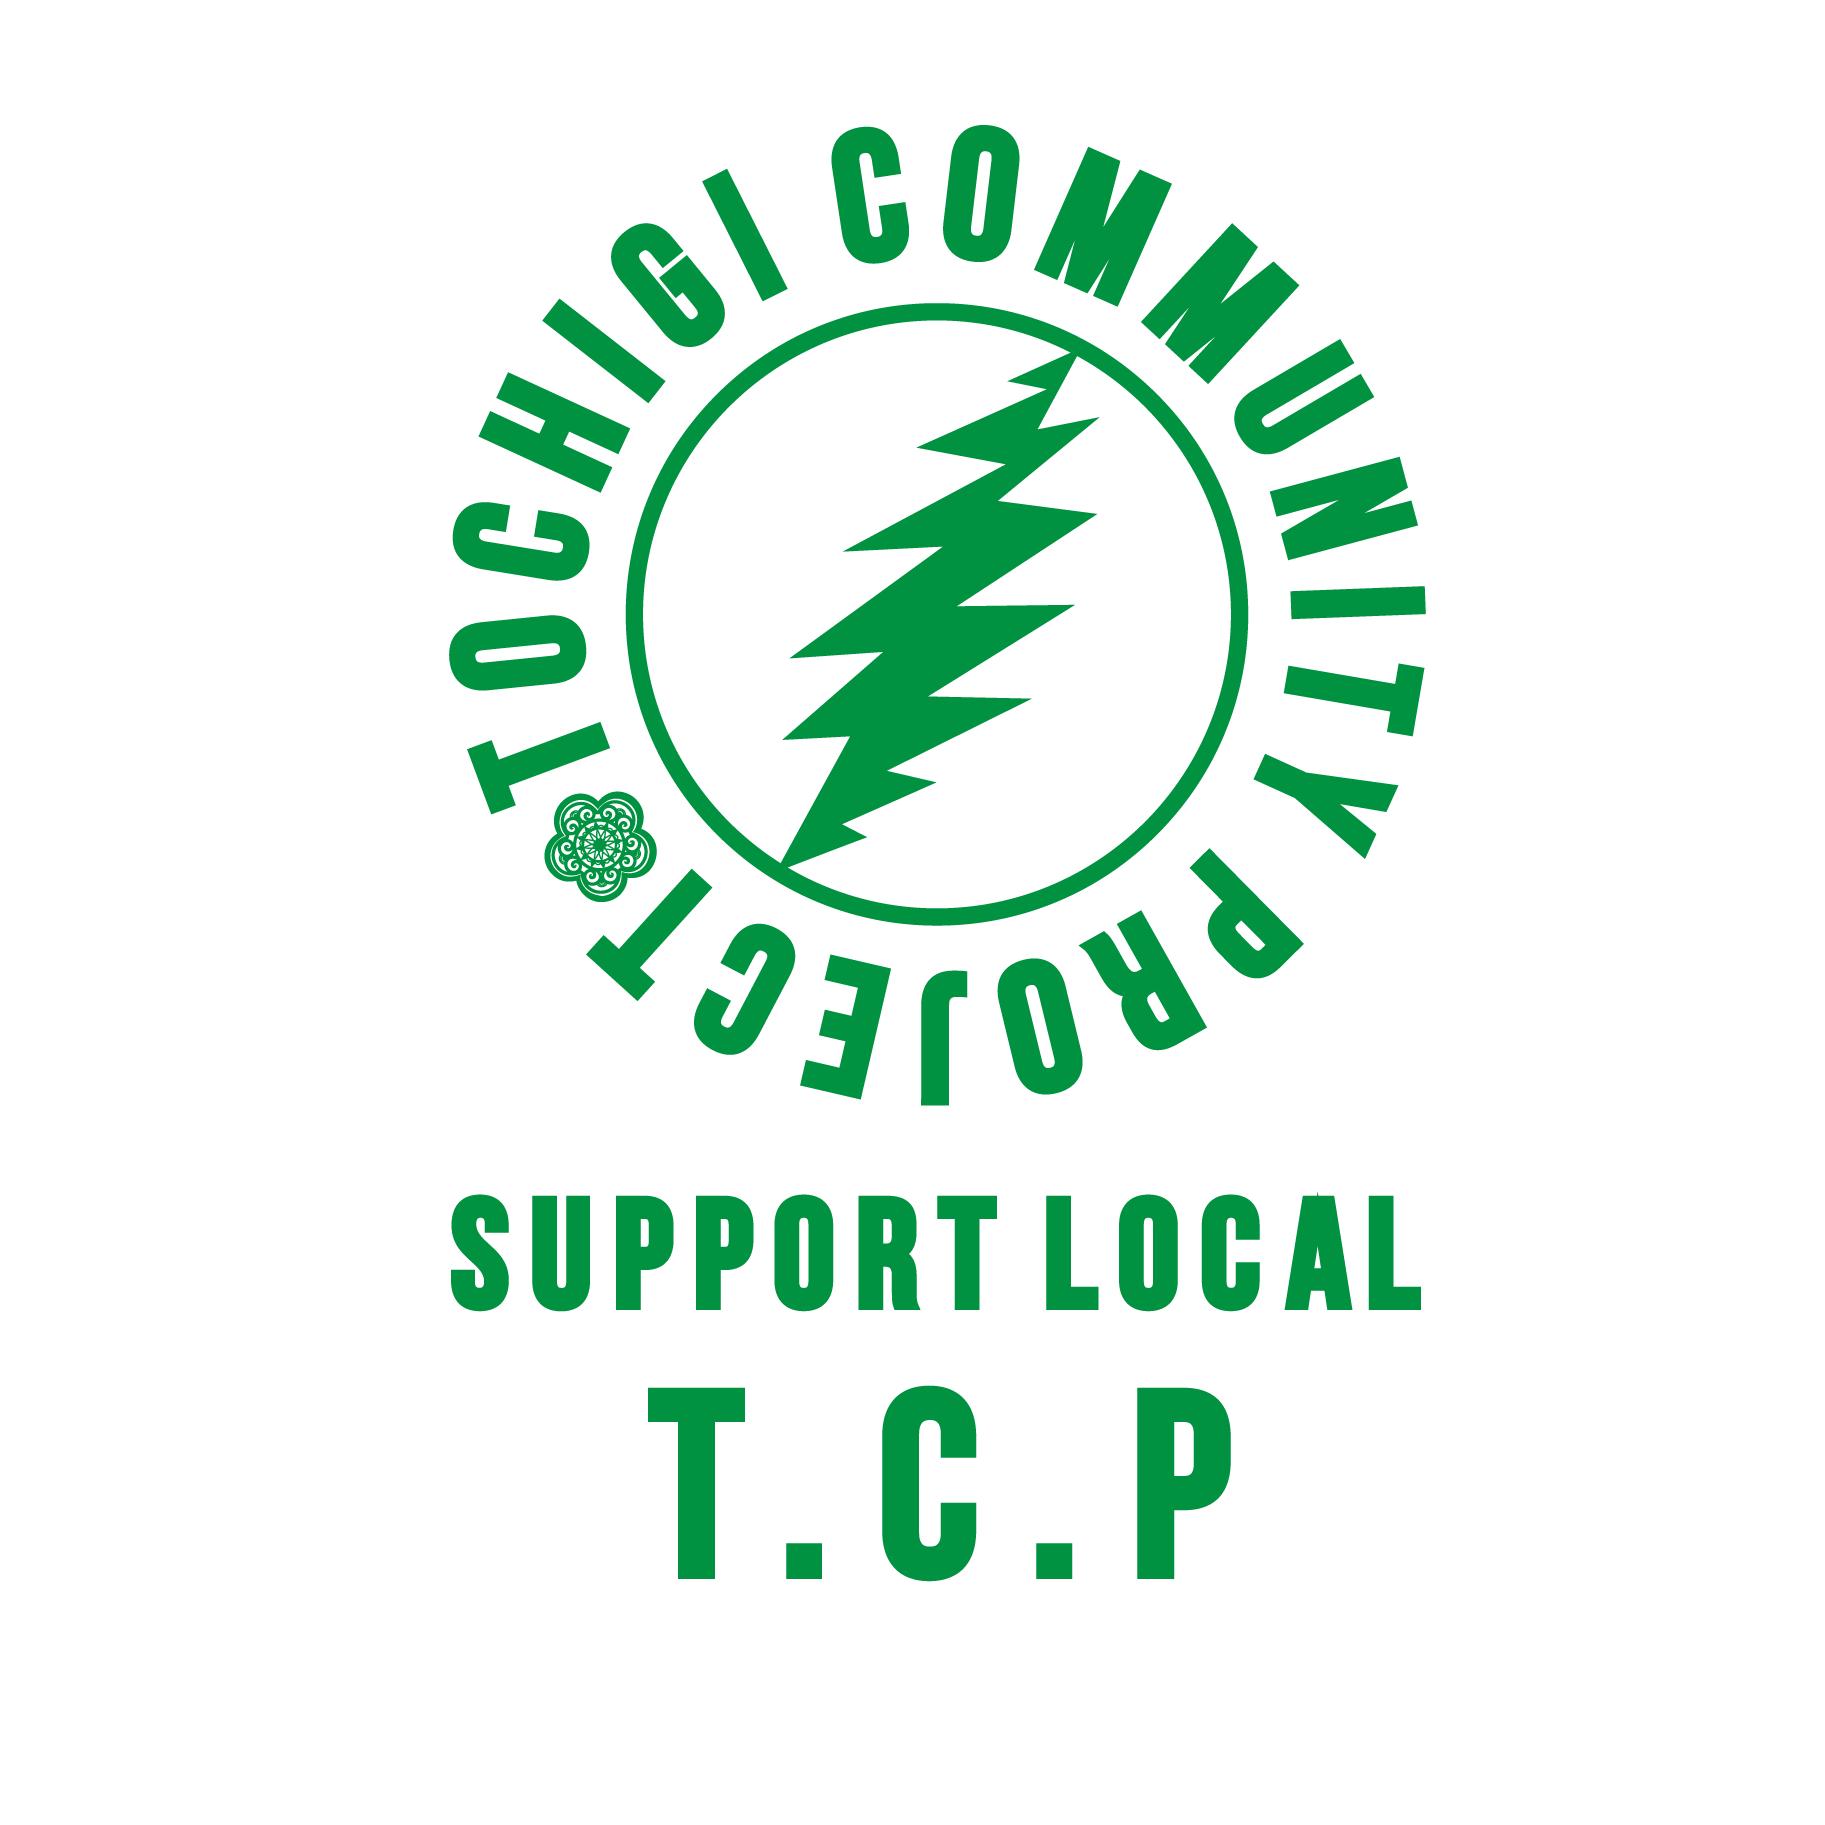 栃木のWEB屋|T.C.P(Tochigi Community Project)|栃木県の地域活性・貢献を目的としたプロジェクトです。|栃木のweb、ホームページ作成・翻訳、インバウンド事業・各種販促物デザイン、集客、越境EC、ワードプレス構築は、栃木を見続ける宇都宮の地域密着型制作会社の栃木のWEB屋へ